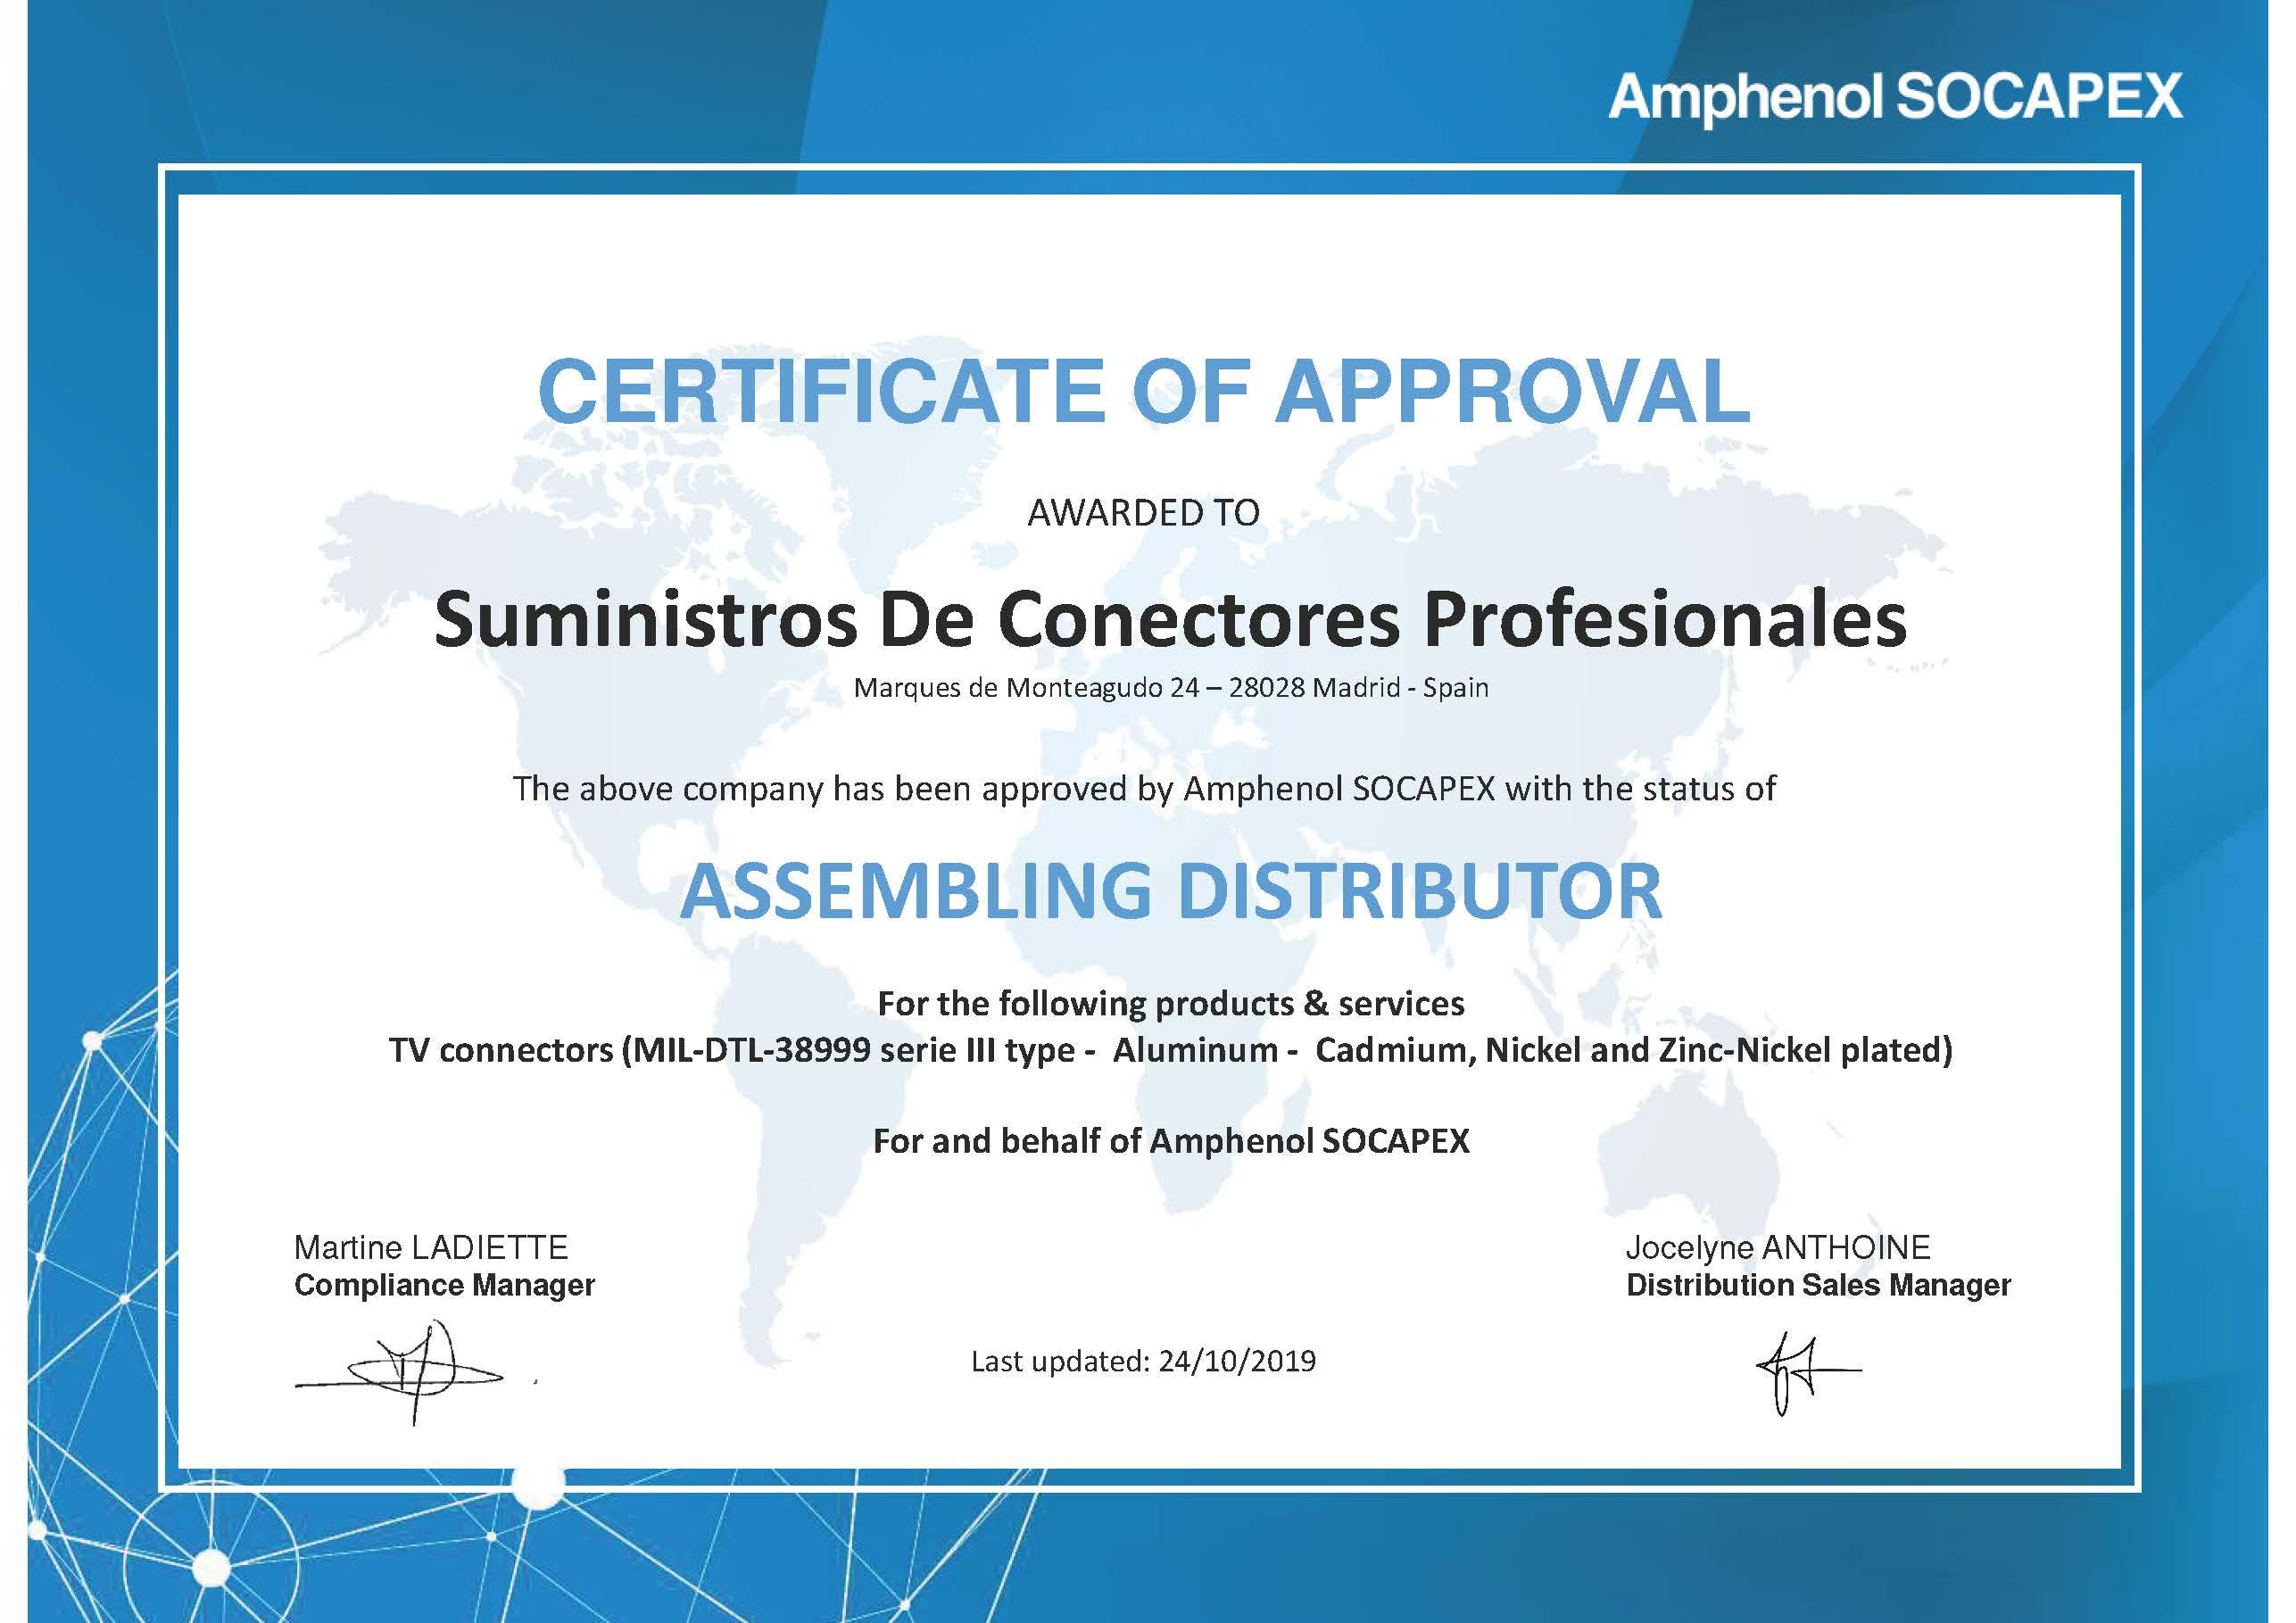 Amphenol Socapex Certificate